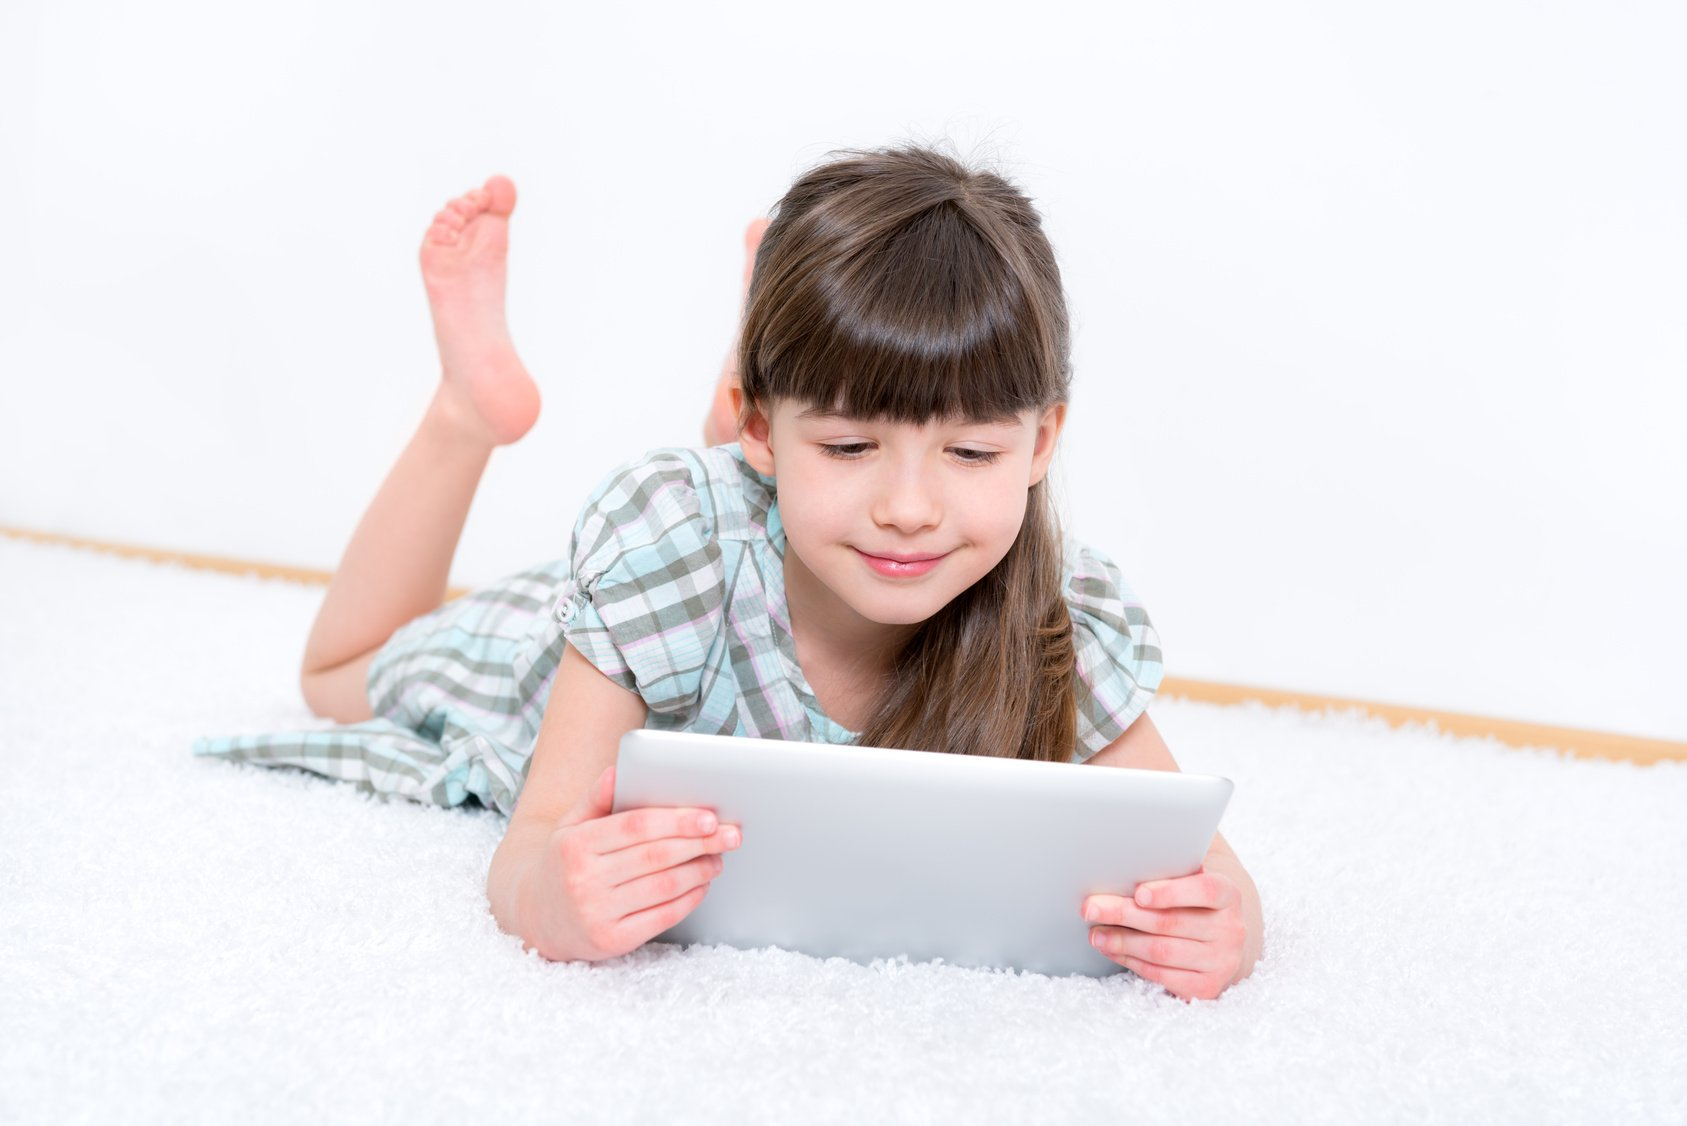 蘋果於2021年5月20日宣佈更新無障礙功能,用戶通過眼睛便可操作iPad。(Fotolia)